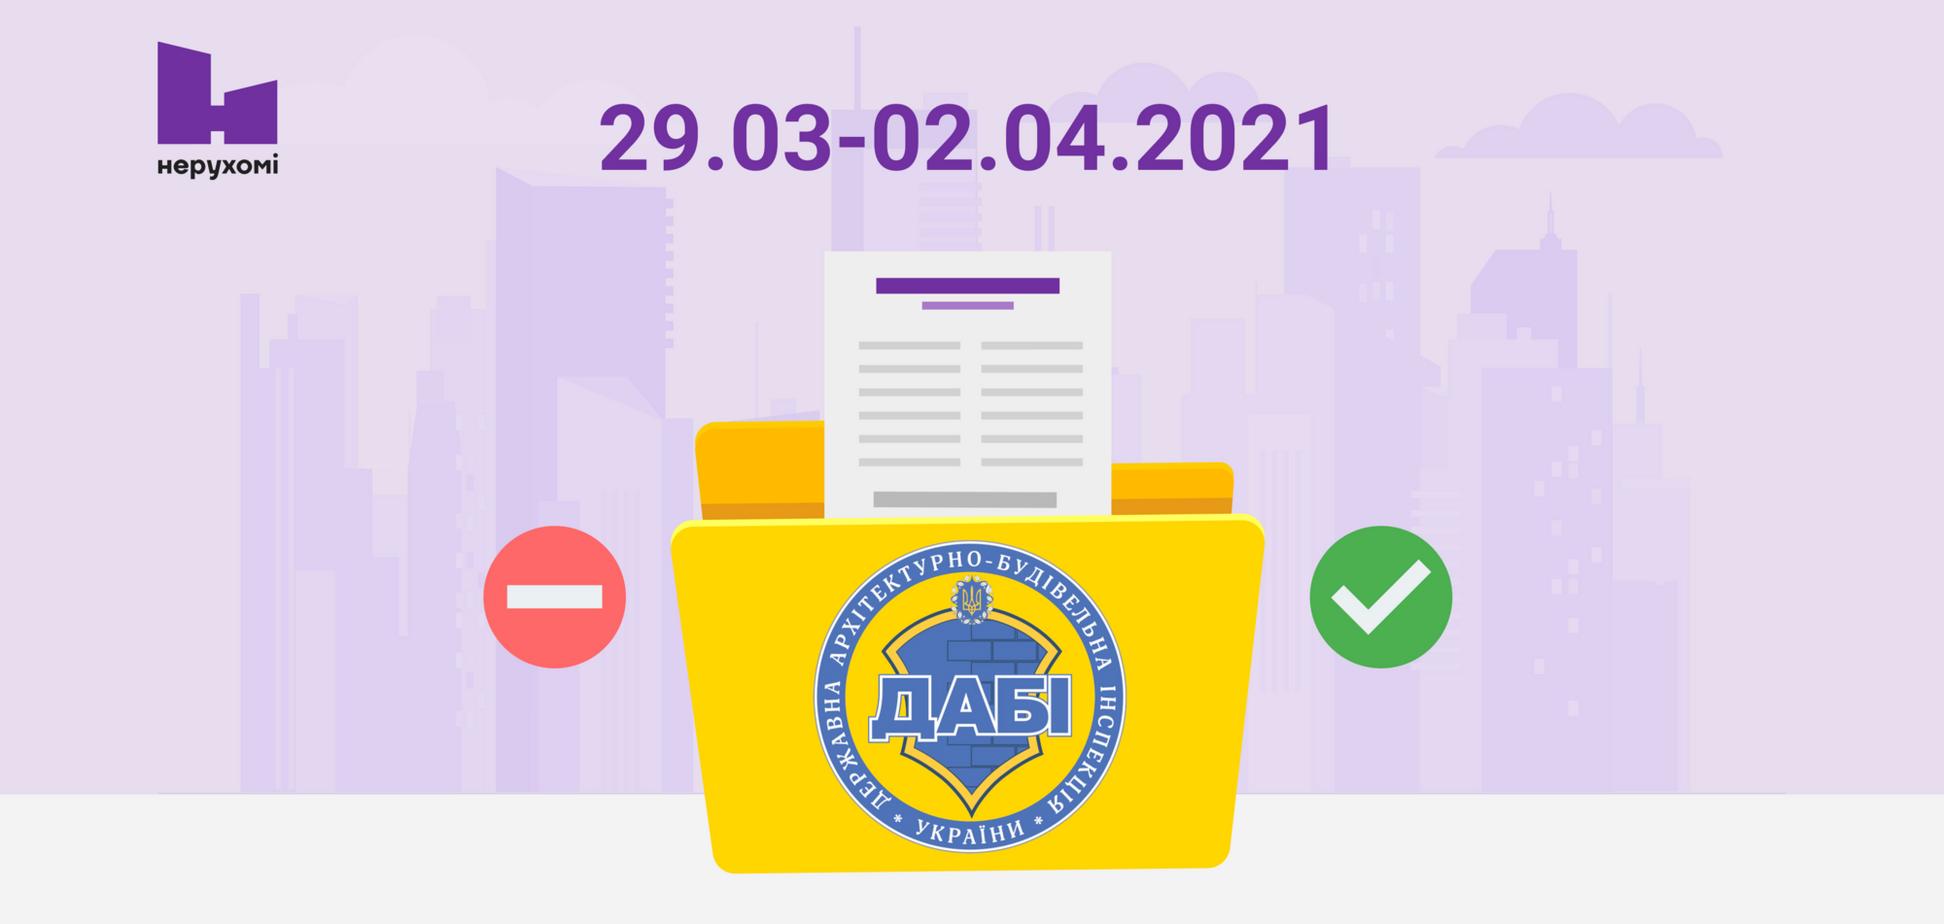 Какие ЖК одобрила ГАСИ: недельный дайджест выданных разрешений и сертификатов